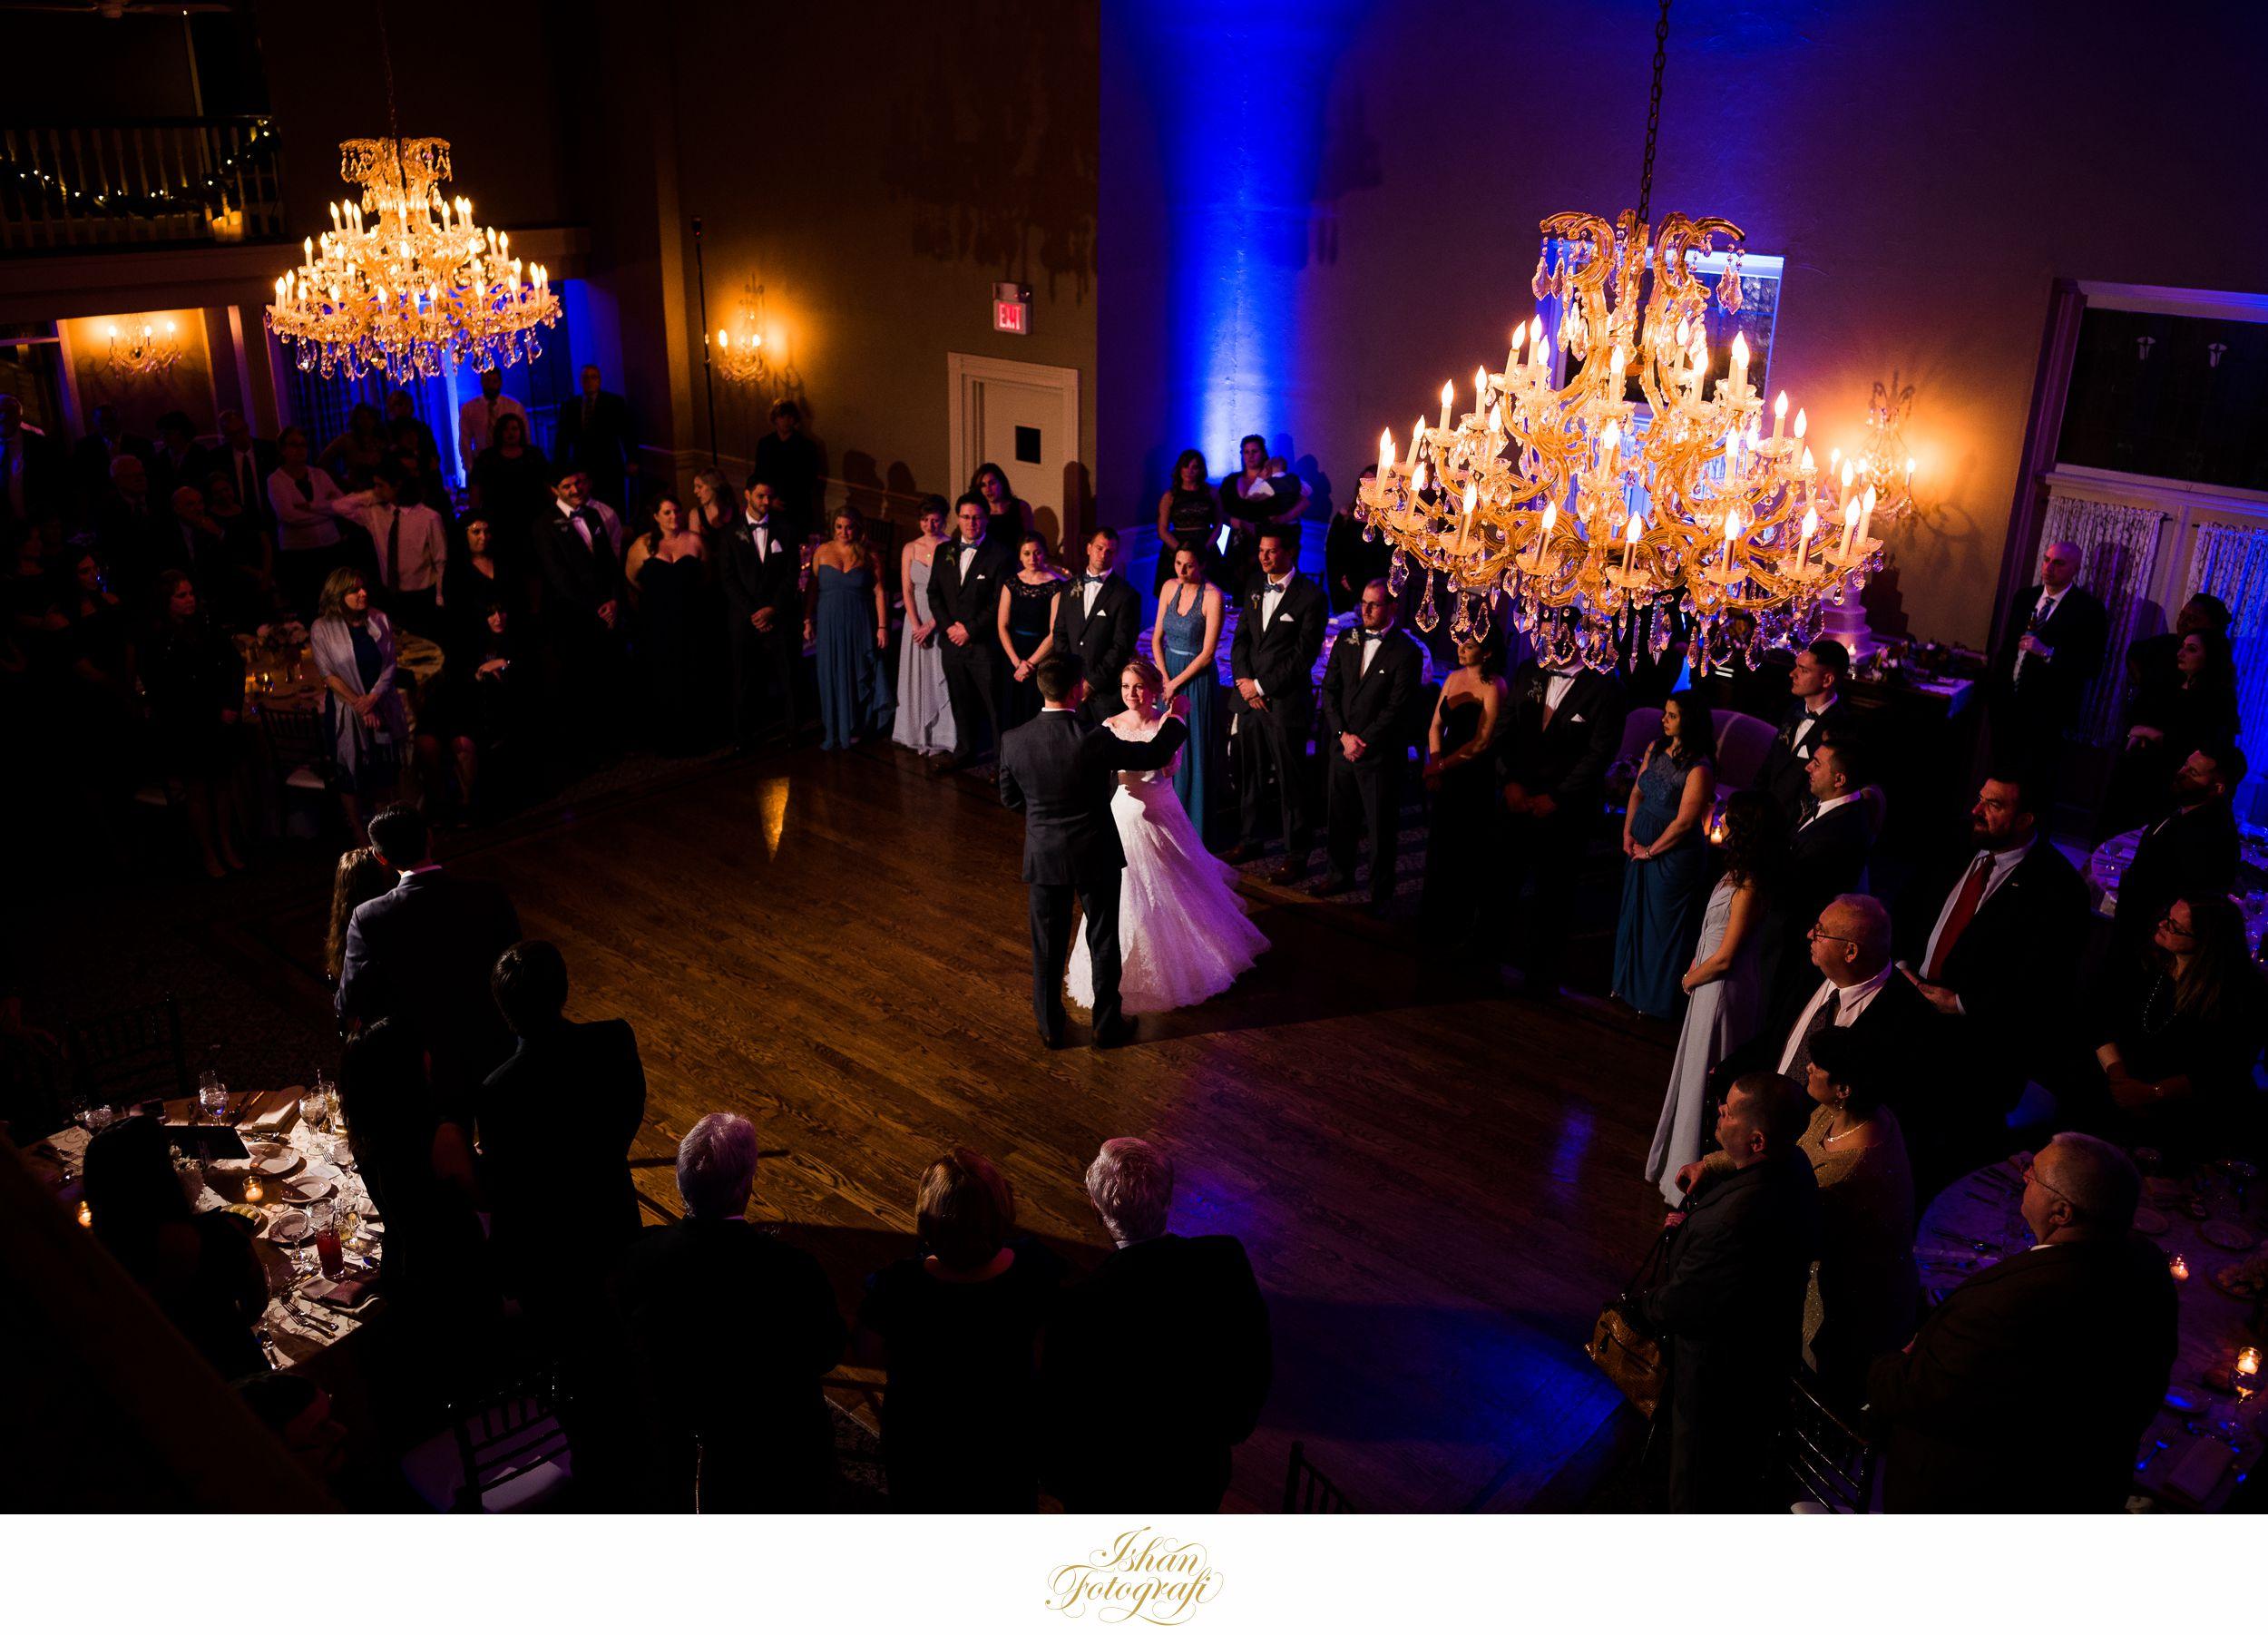 davids-country-inn-wedding-reception-photos